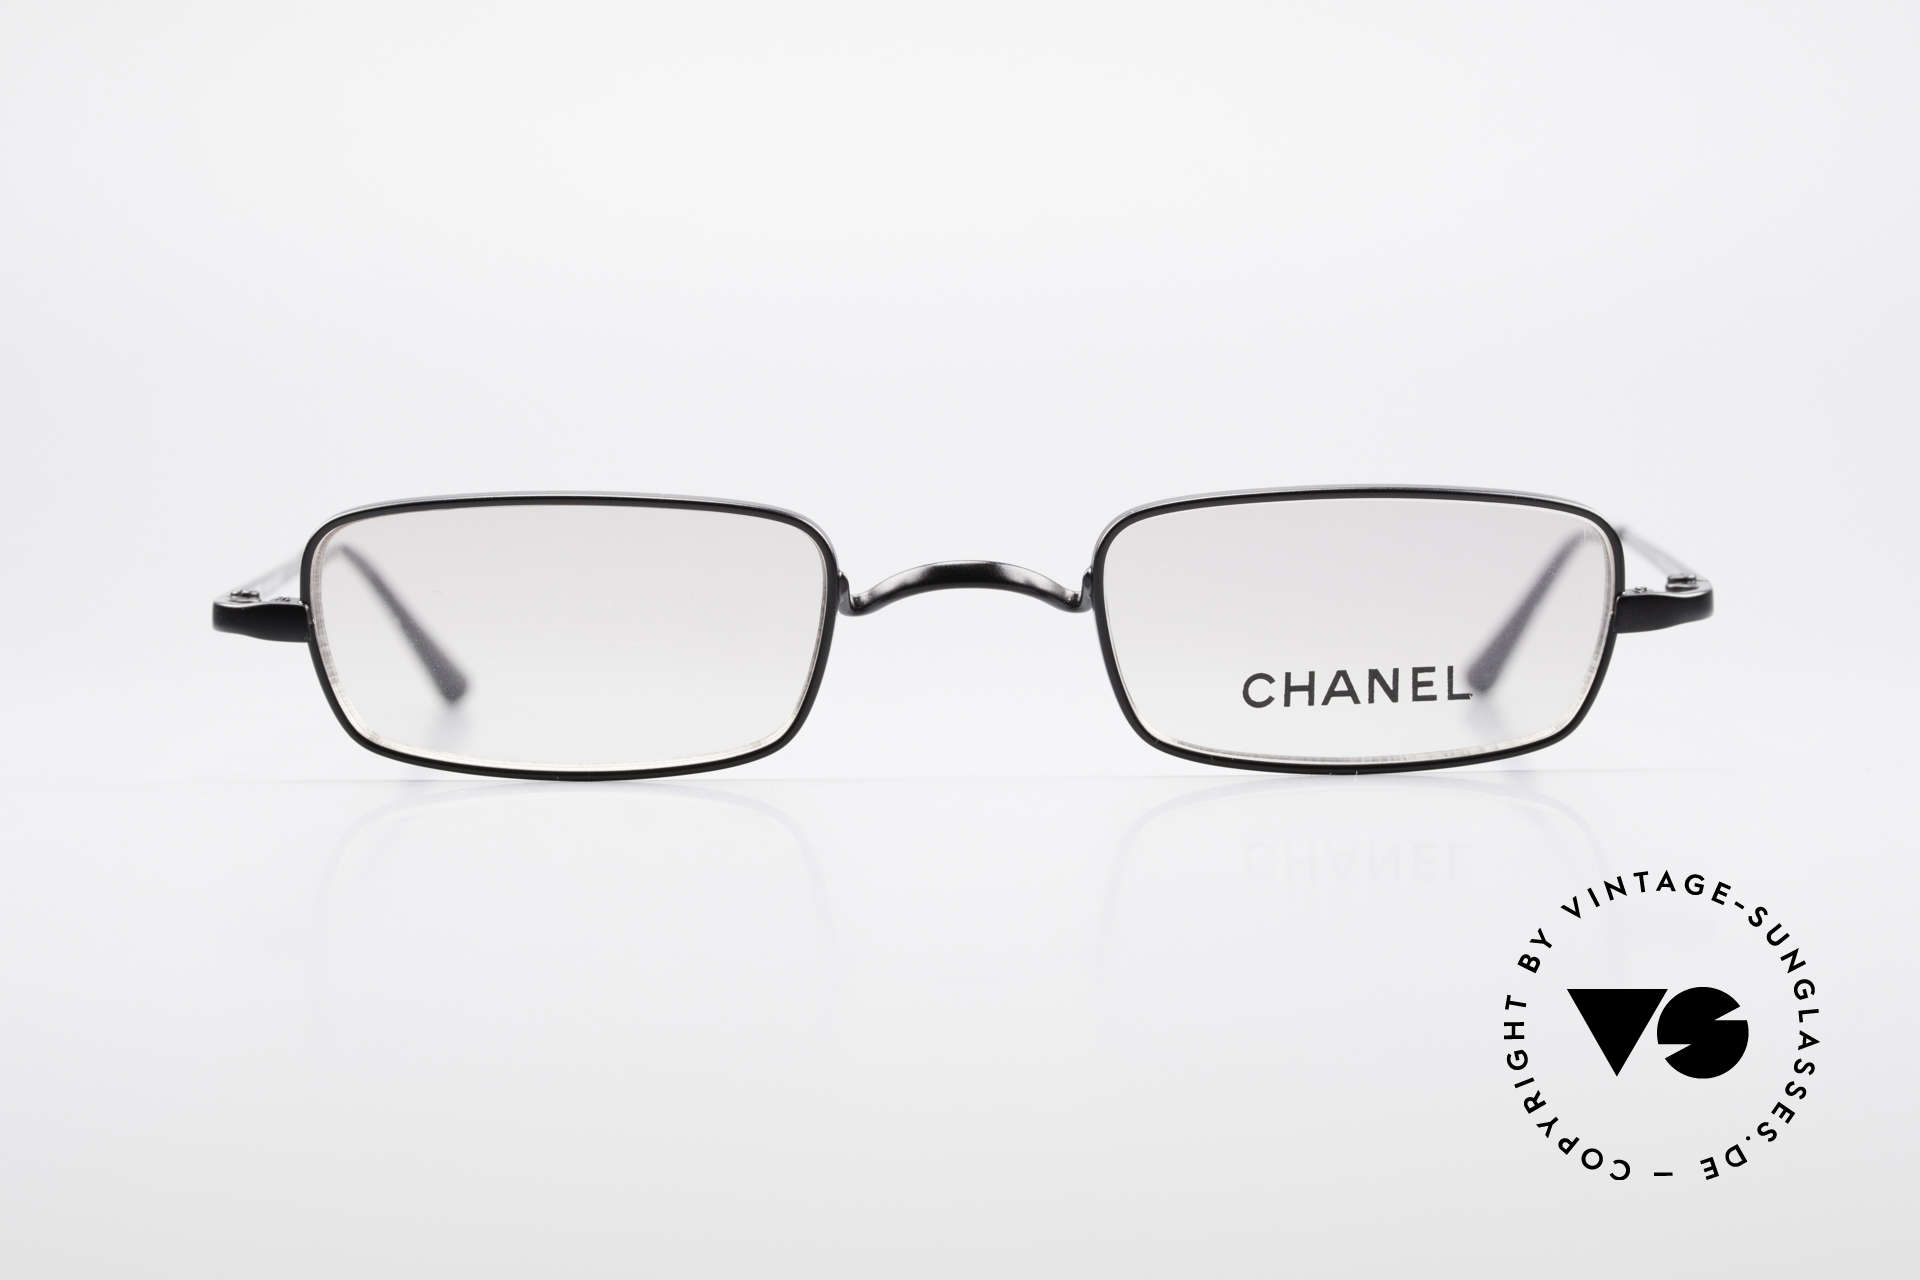 Chanel 2038 Luxus Brille Eckig Sonnenclip, Größe: small, Passend für Herren und Damen